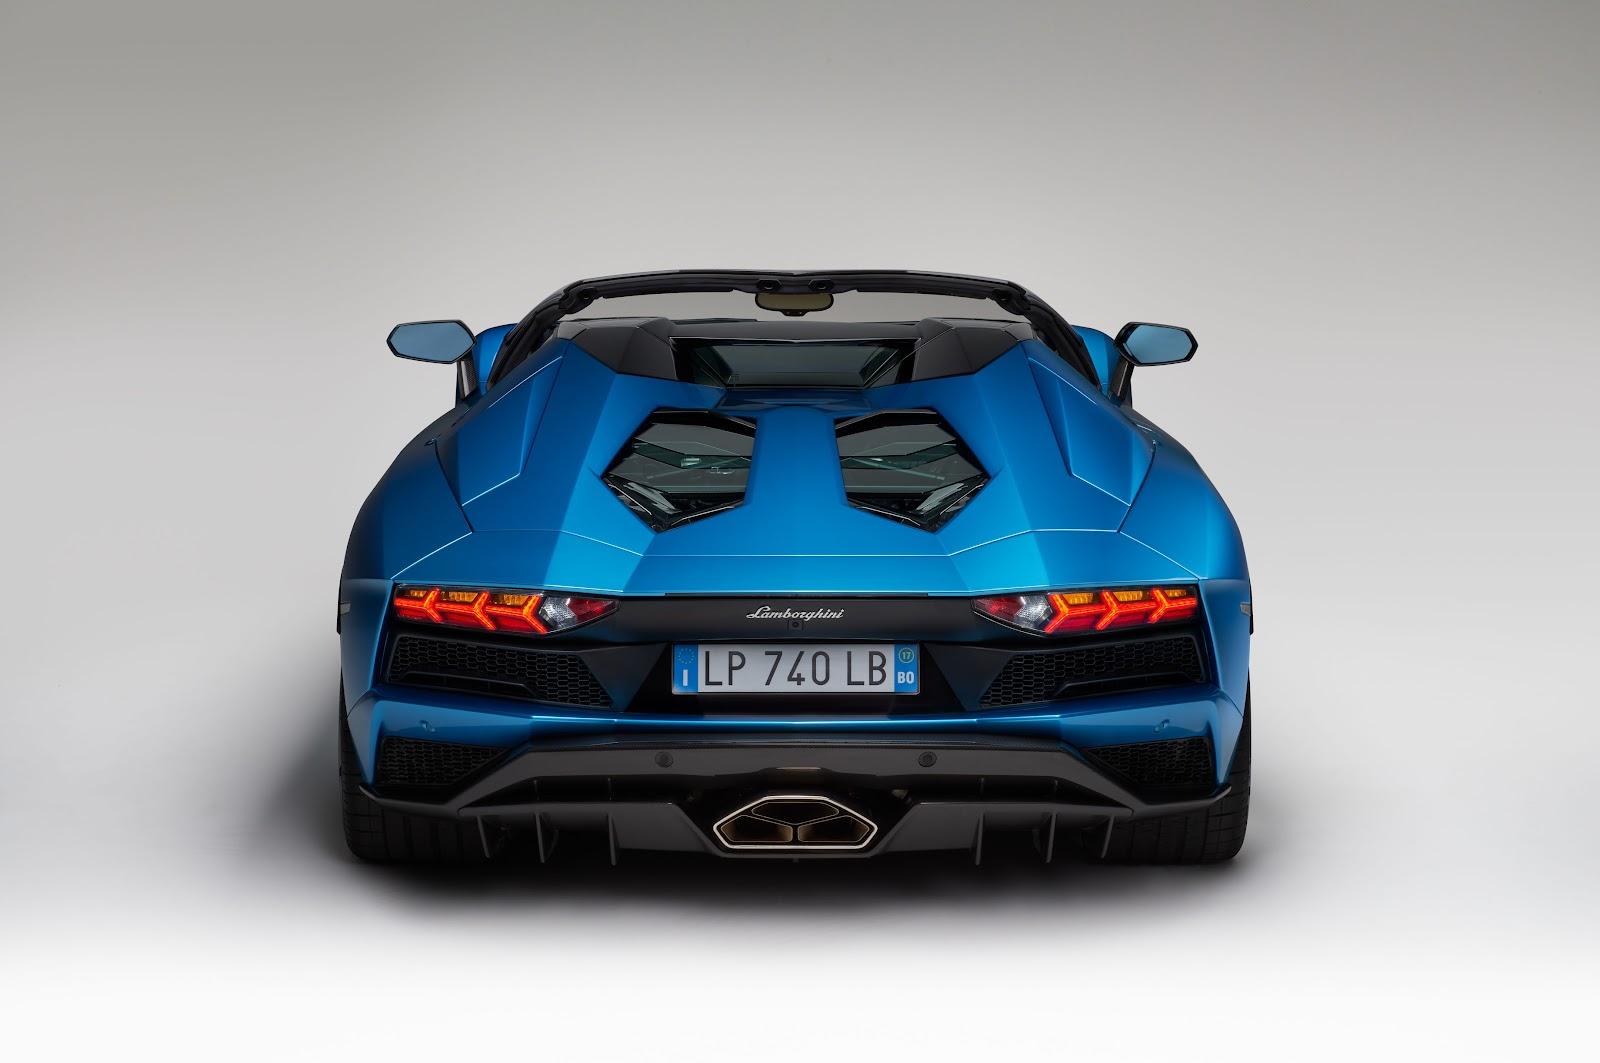 Lamborghini-Aventador-S-Roadster-rear.jpg